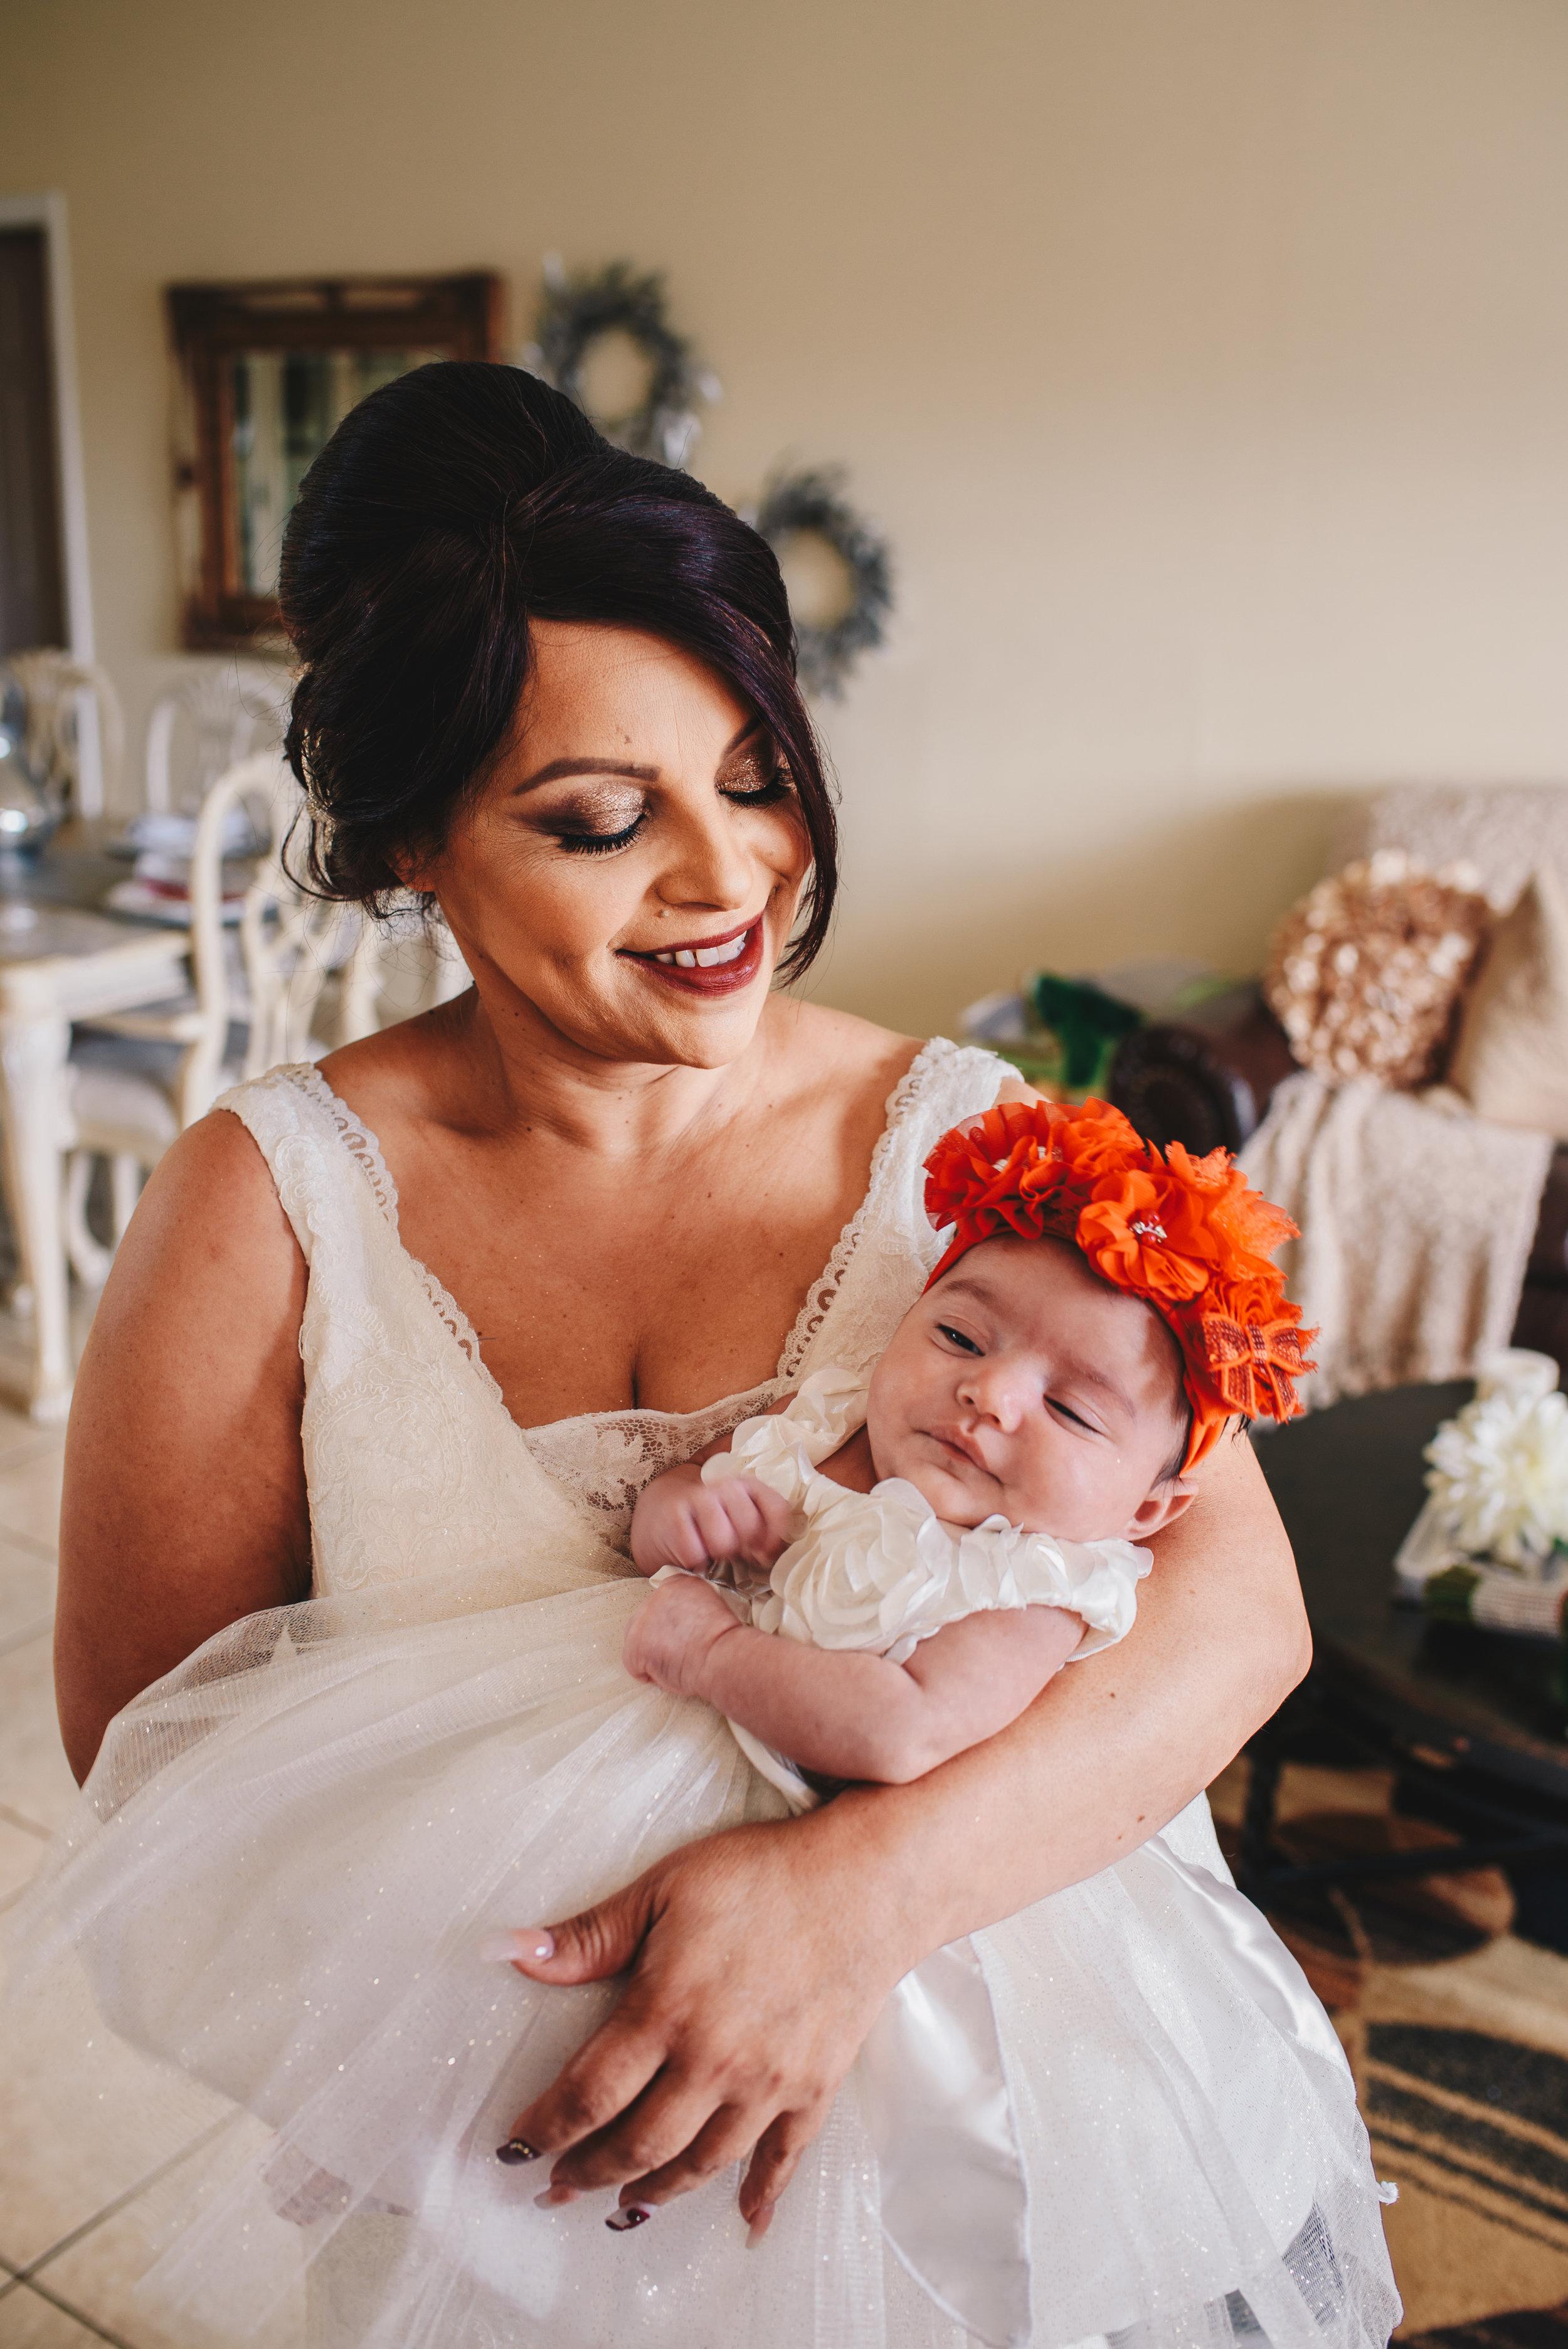 Los-Vargas-Photo-Wedding-Vow-Renewal-Central-Florida-30.jpg